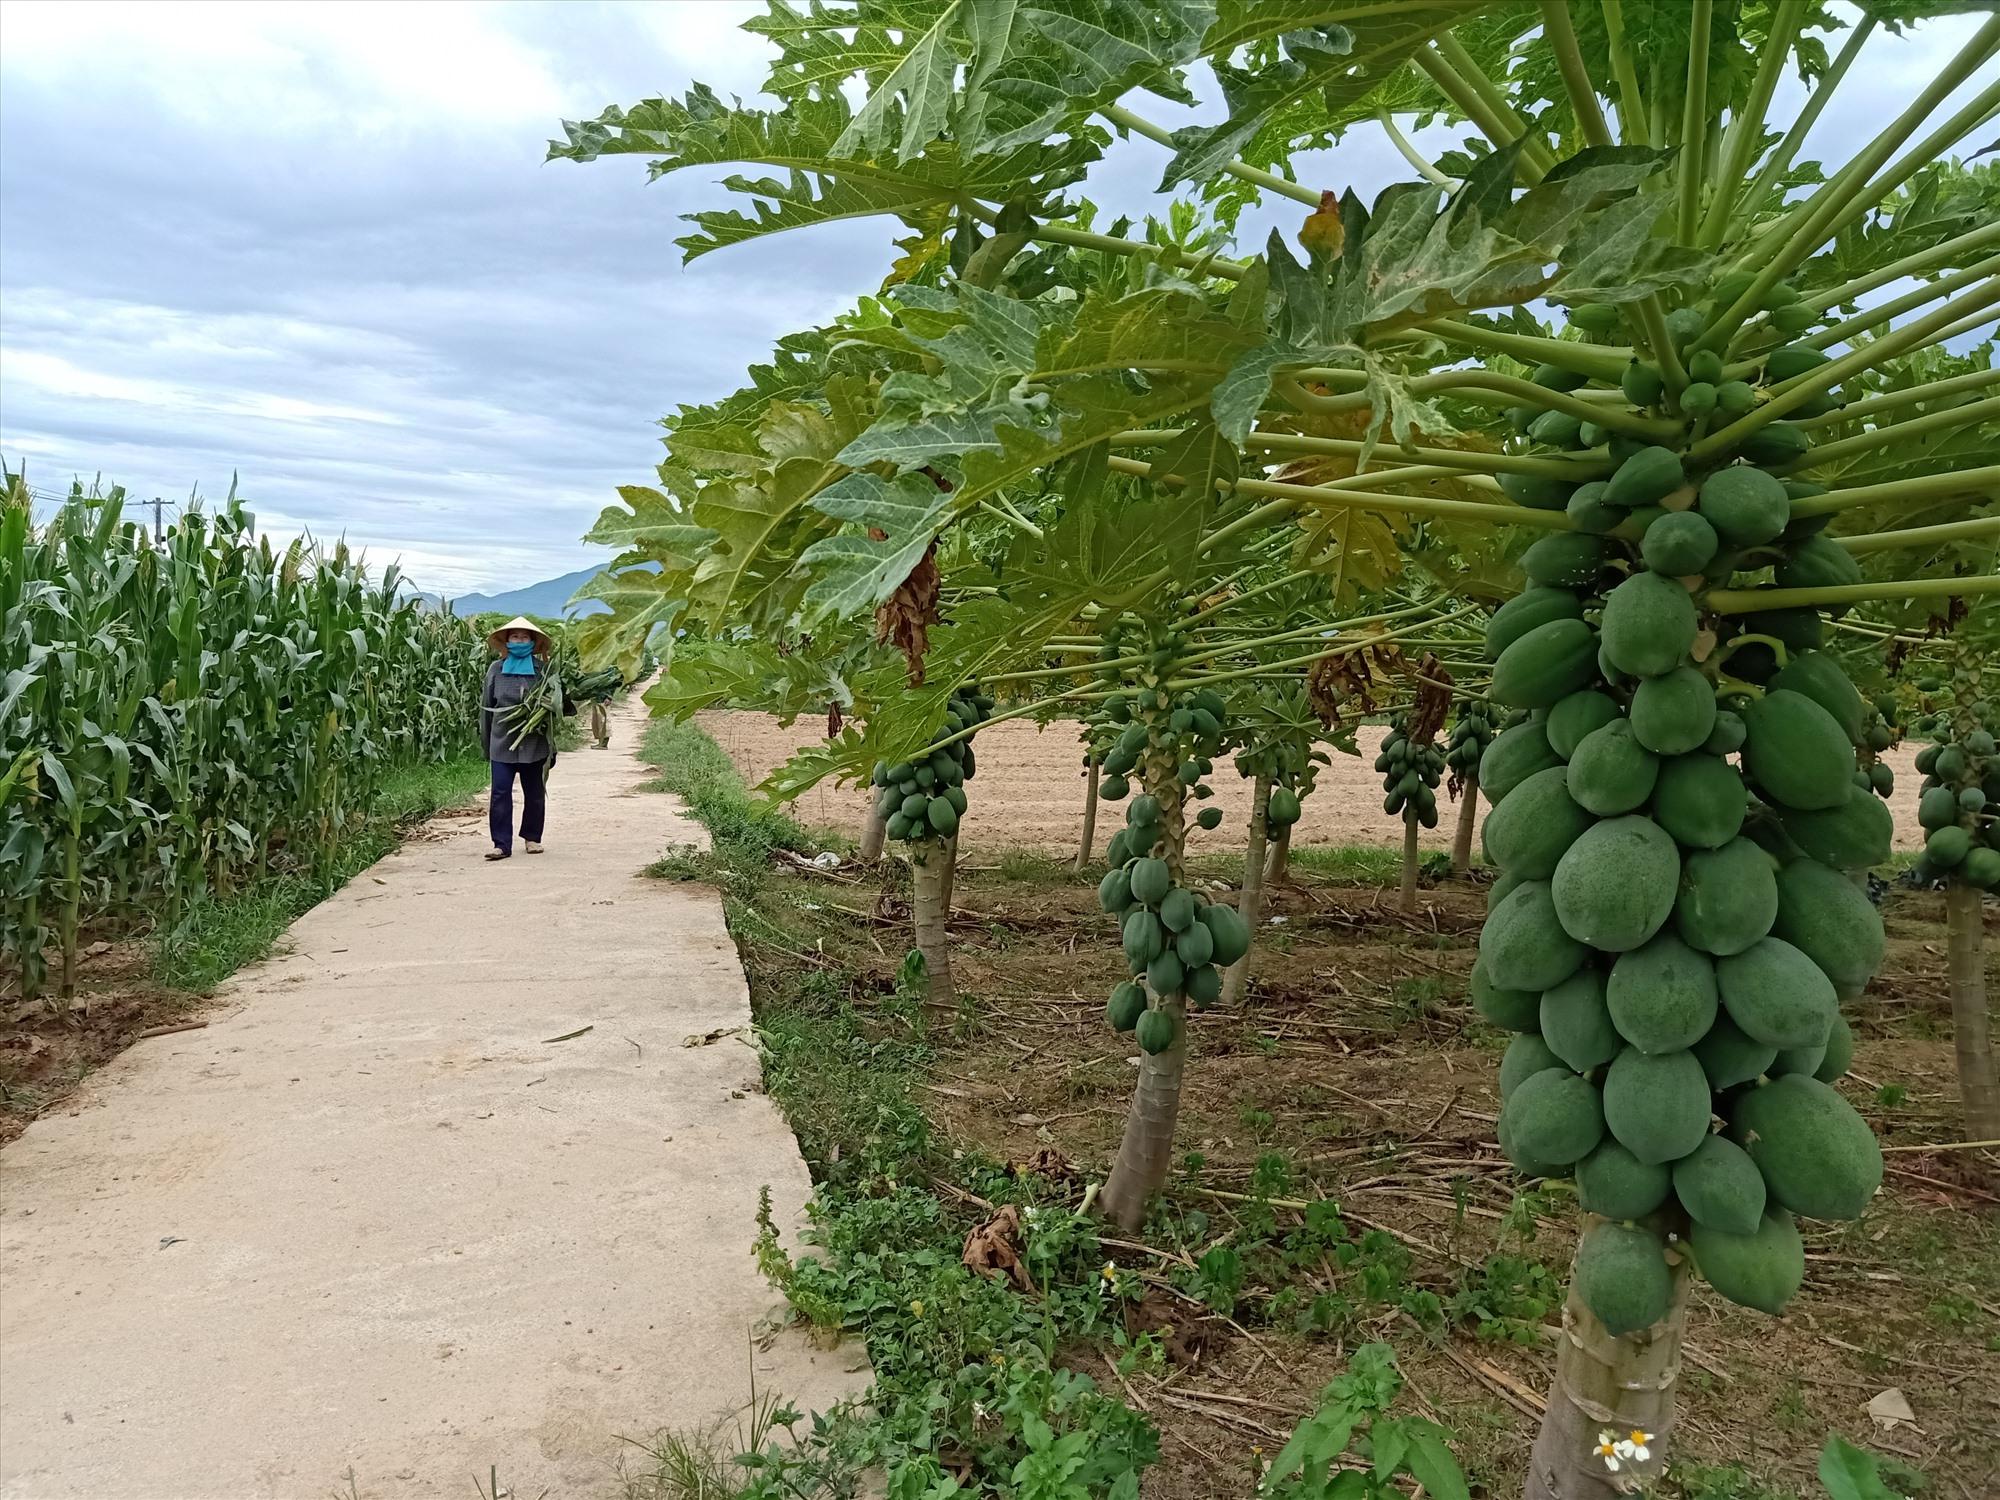 """Nông sản ở Đại Lộc đang """"tắc"""" đầu ra do dịch Covid-19. Ảnh: HOÀNG LIÊN"""